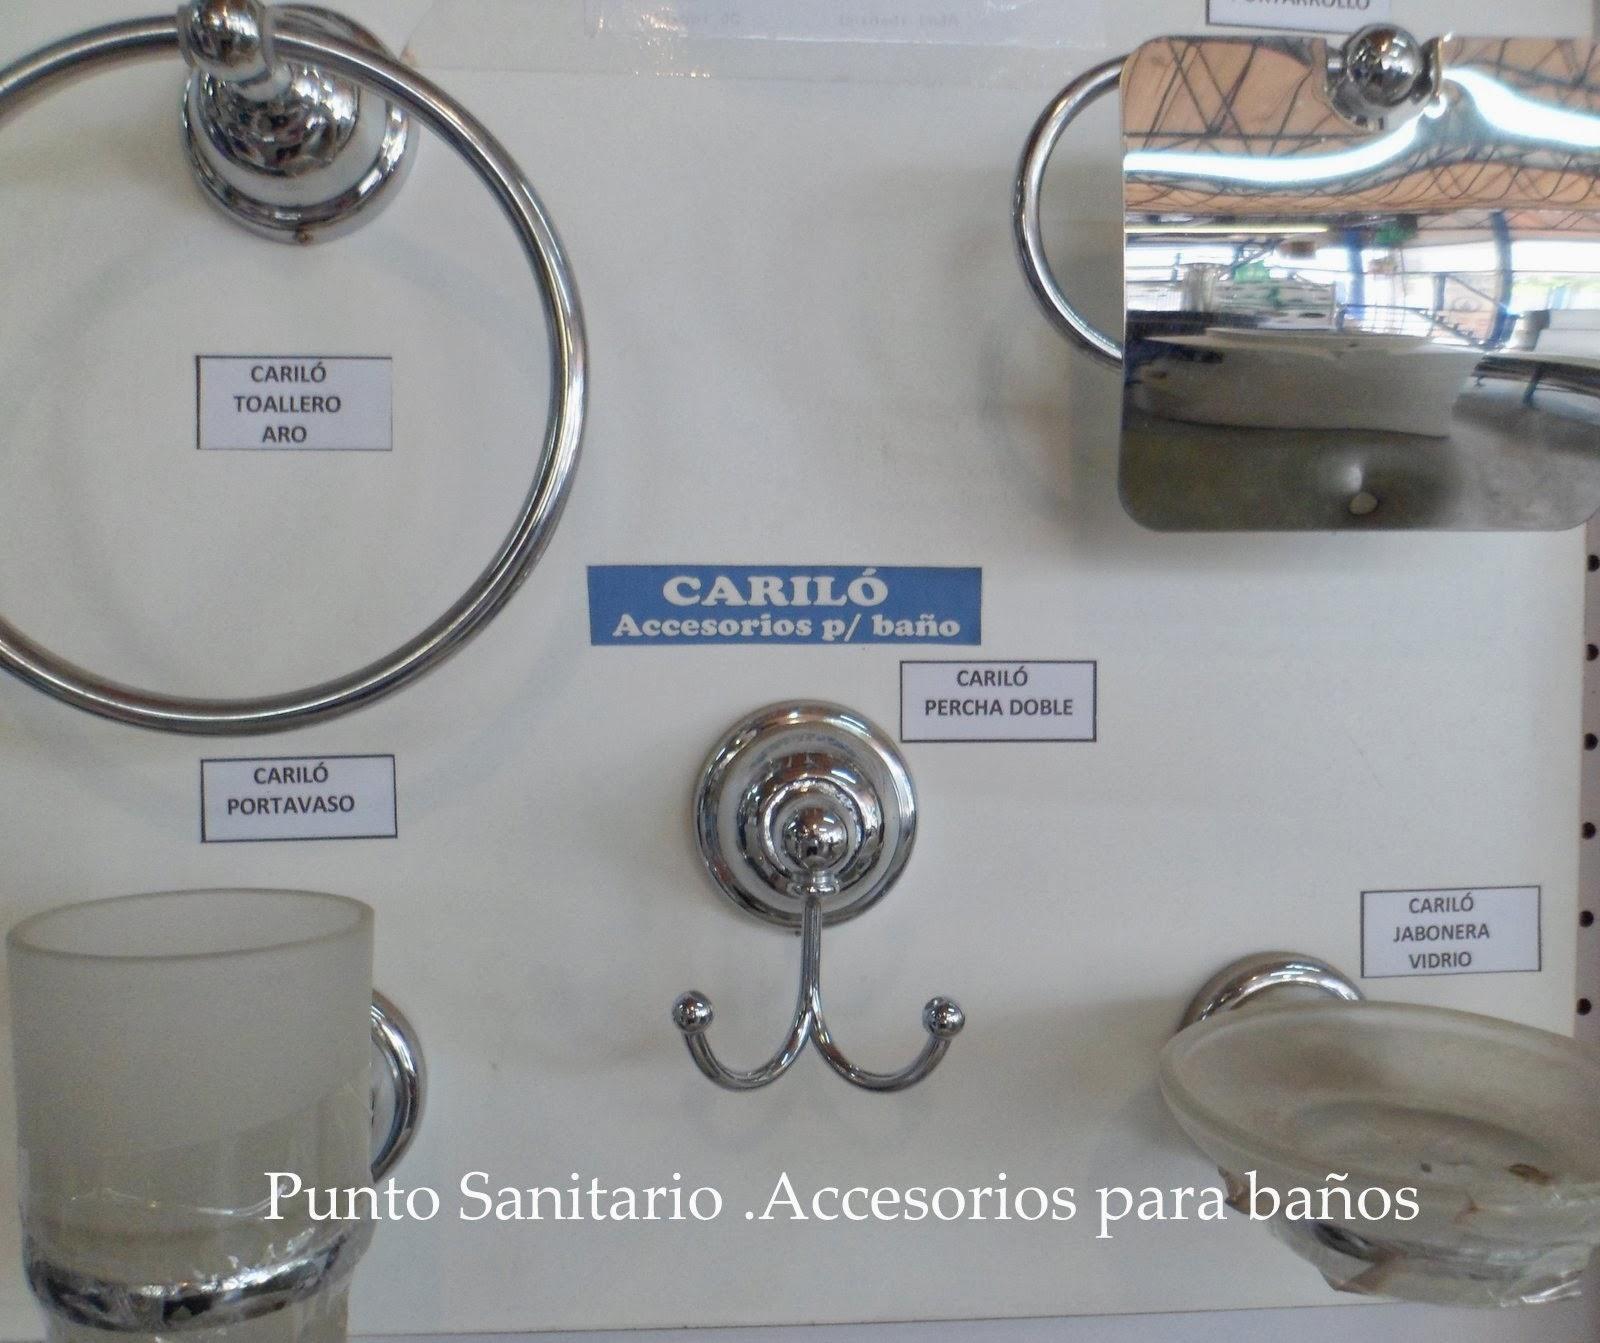 Accesorios de ba o ubicacion - Accesorio de bano ...